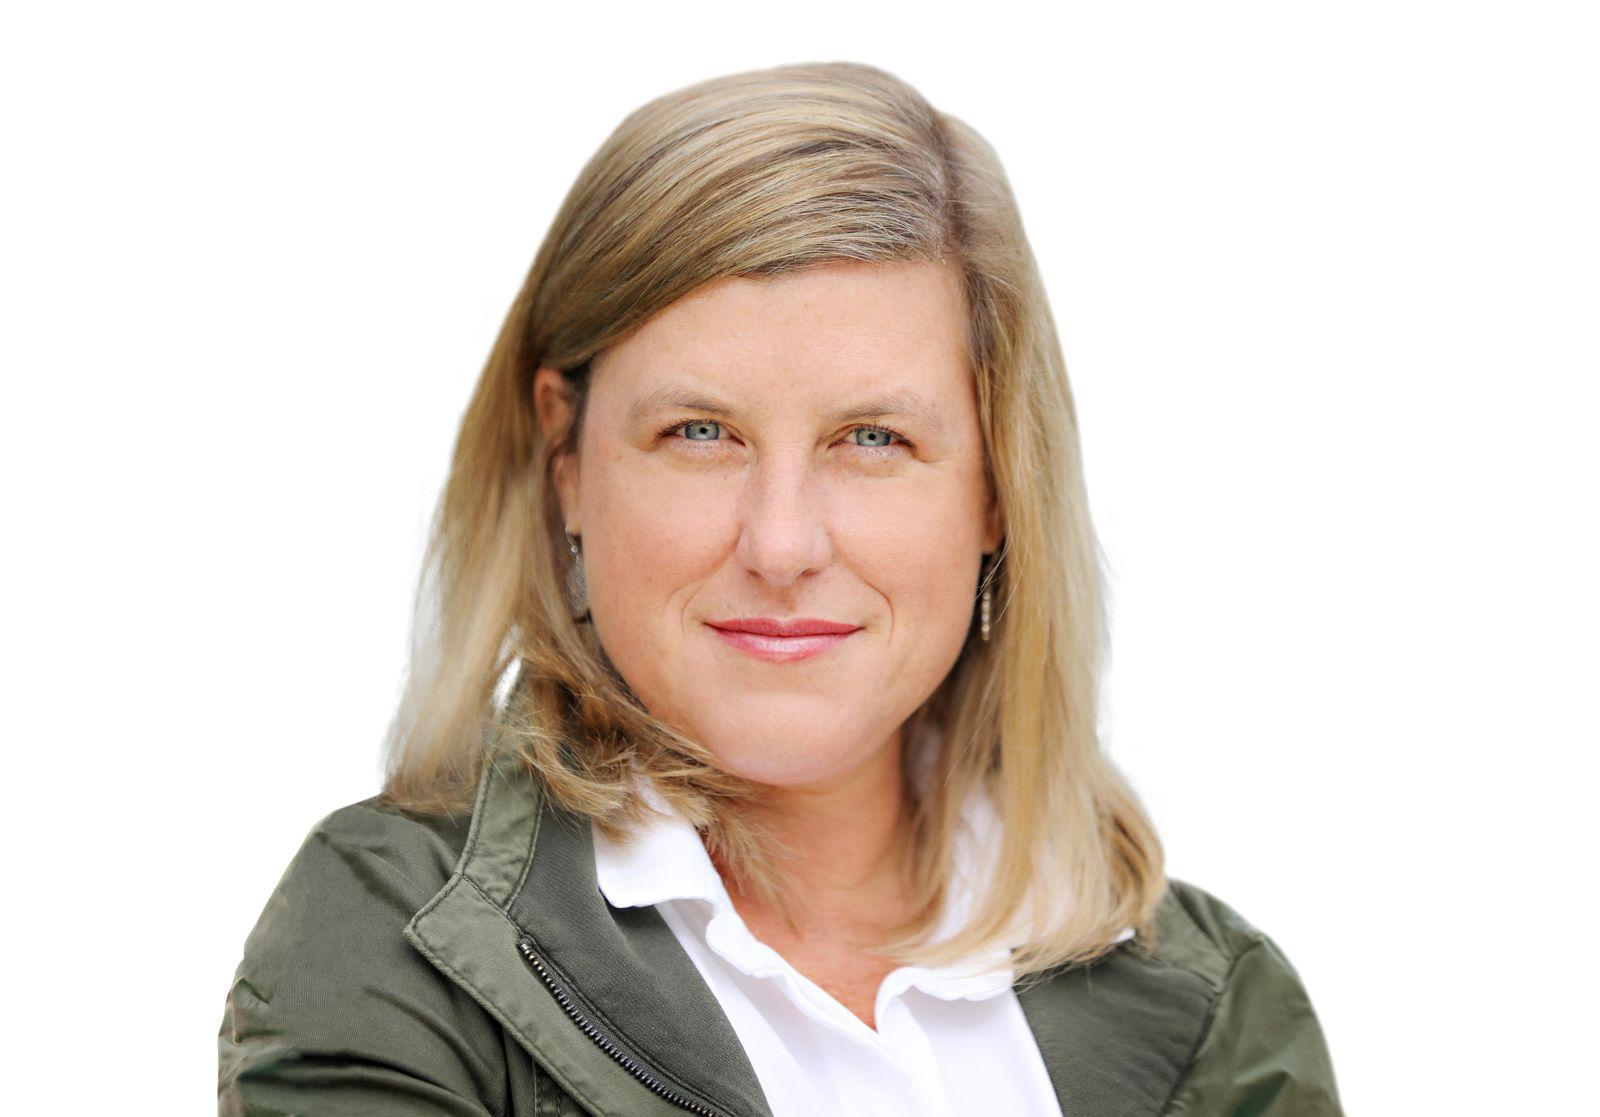 Kari Hensien, President of RizePoint